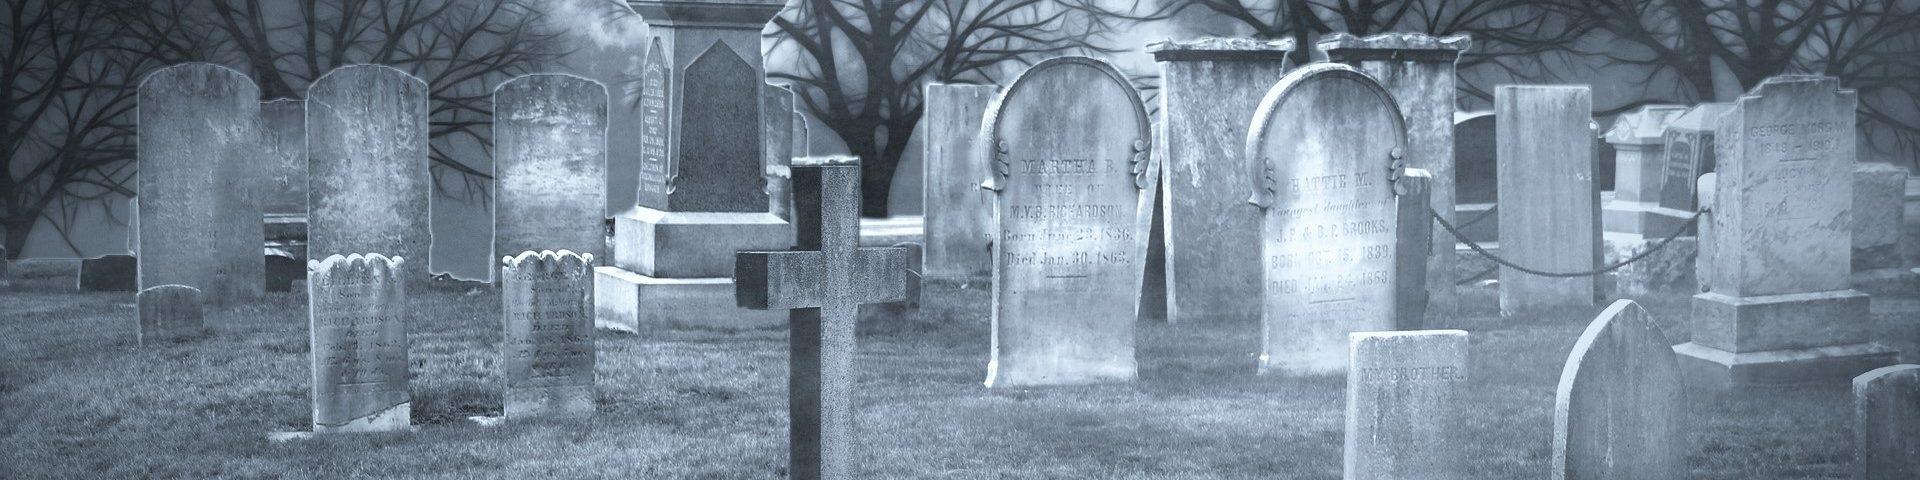 Cemetery 989920